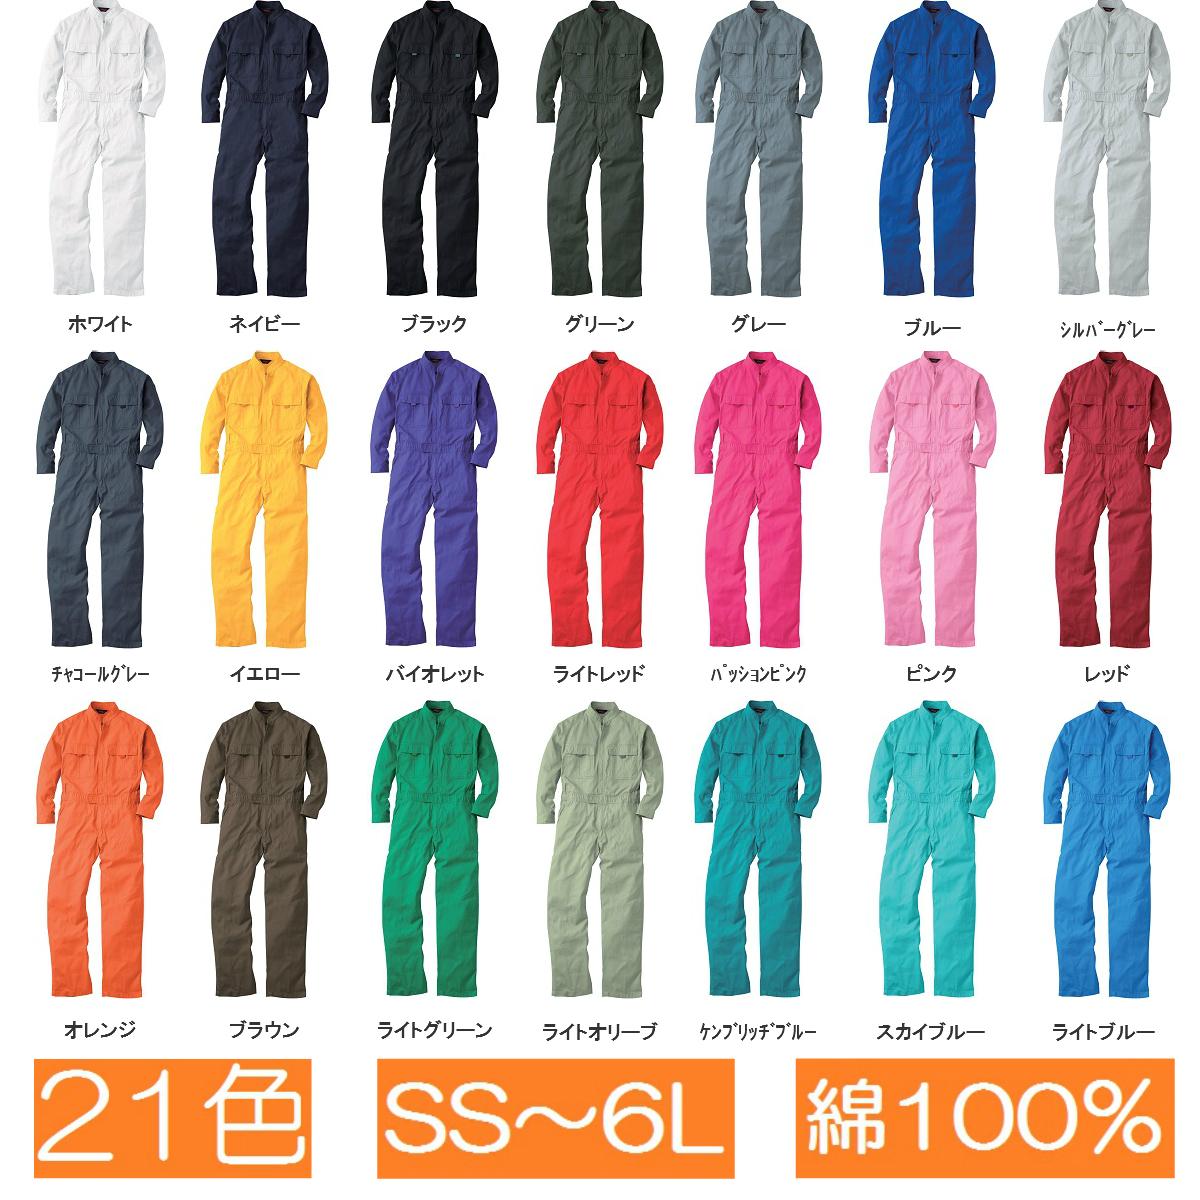 桑和 9000 ツナギ つなぎ 円管服 SS~3Lサイズ SOWA 別売り 大きいサイズもあります 送料無料でお届けします ご予約品 イベント 作業